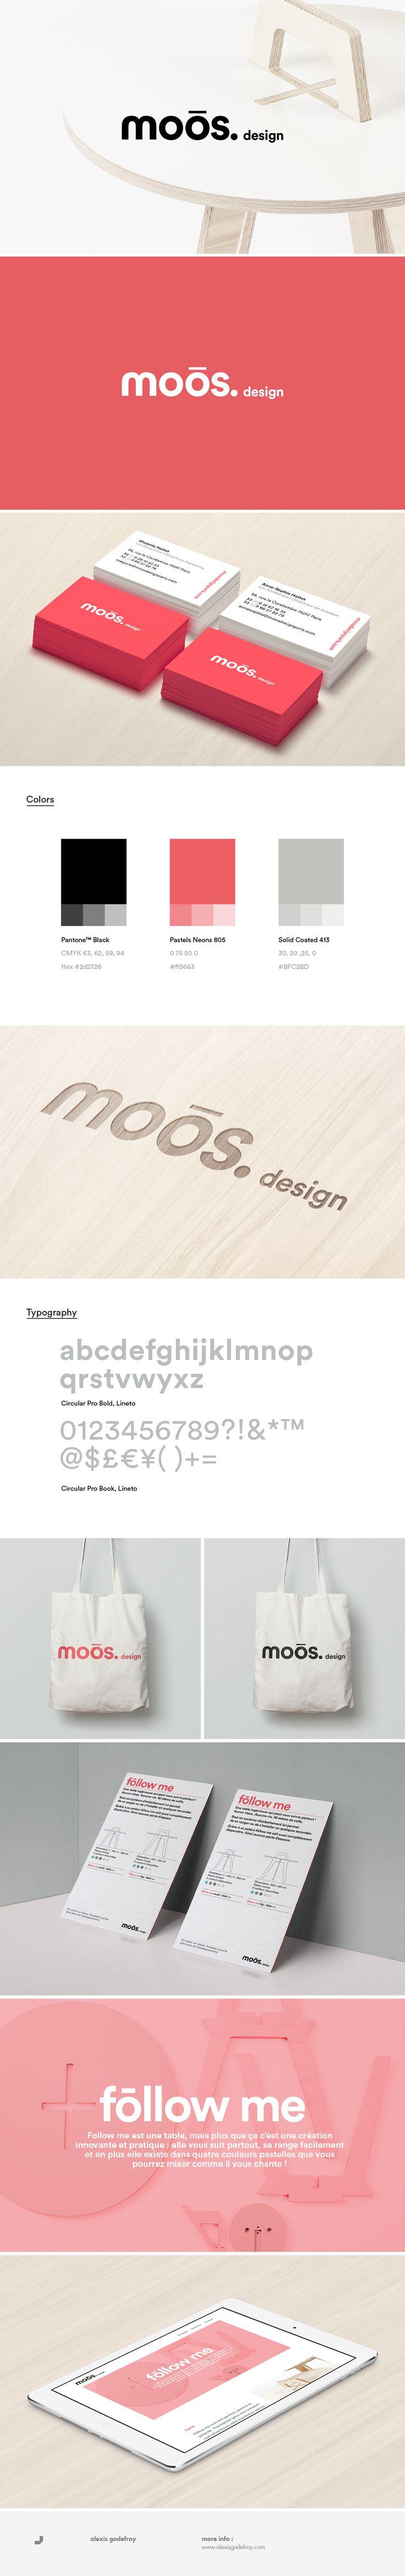 519 best Branding images on Pinterest